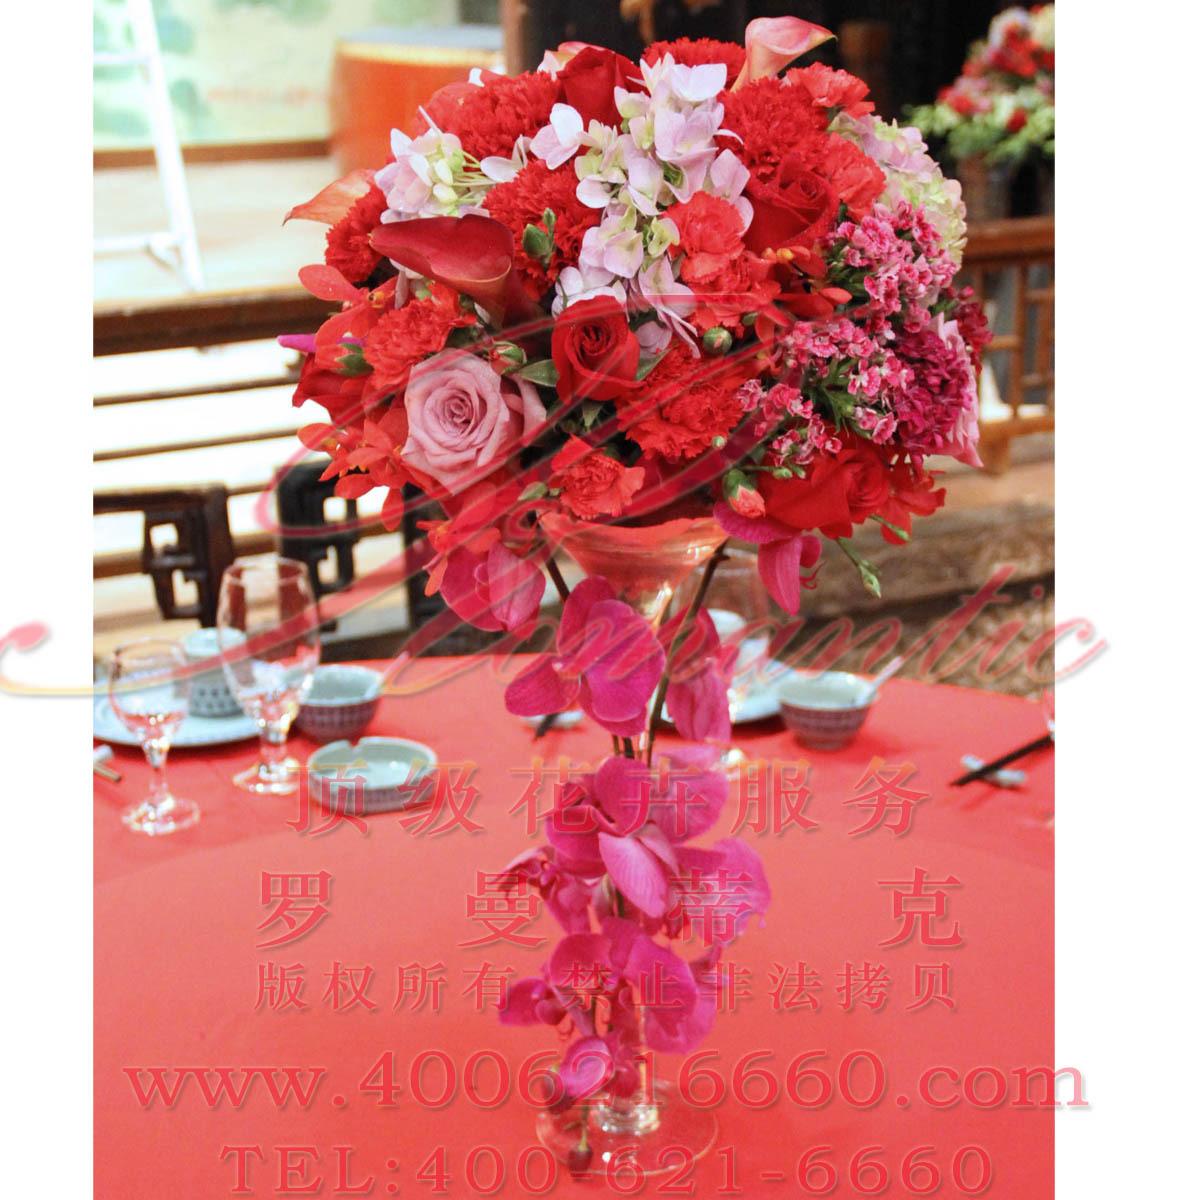 大宅门中式婚礼鲜花布景|实拍113a2|蝴蝶兰石柱梅绣球等主桌鲜花图片